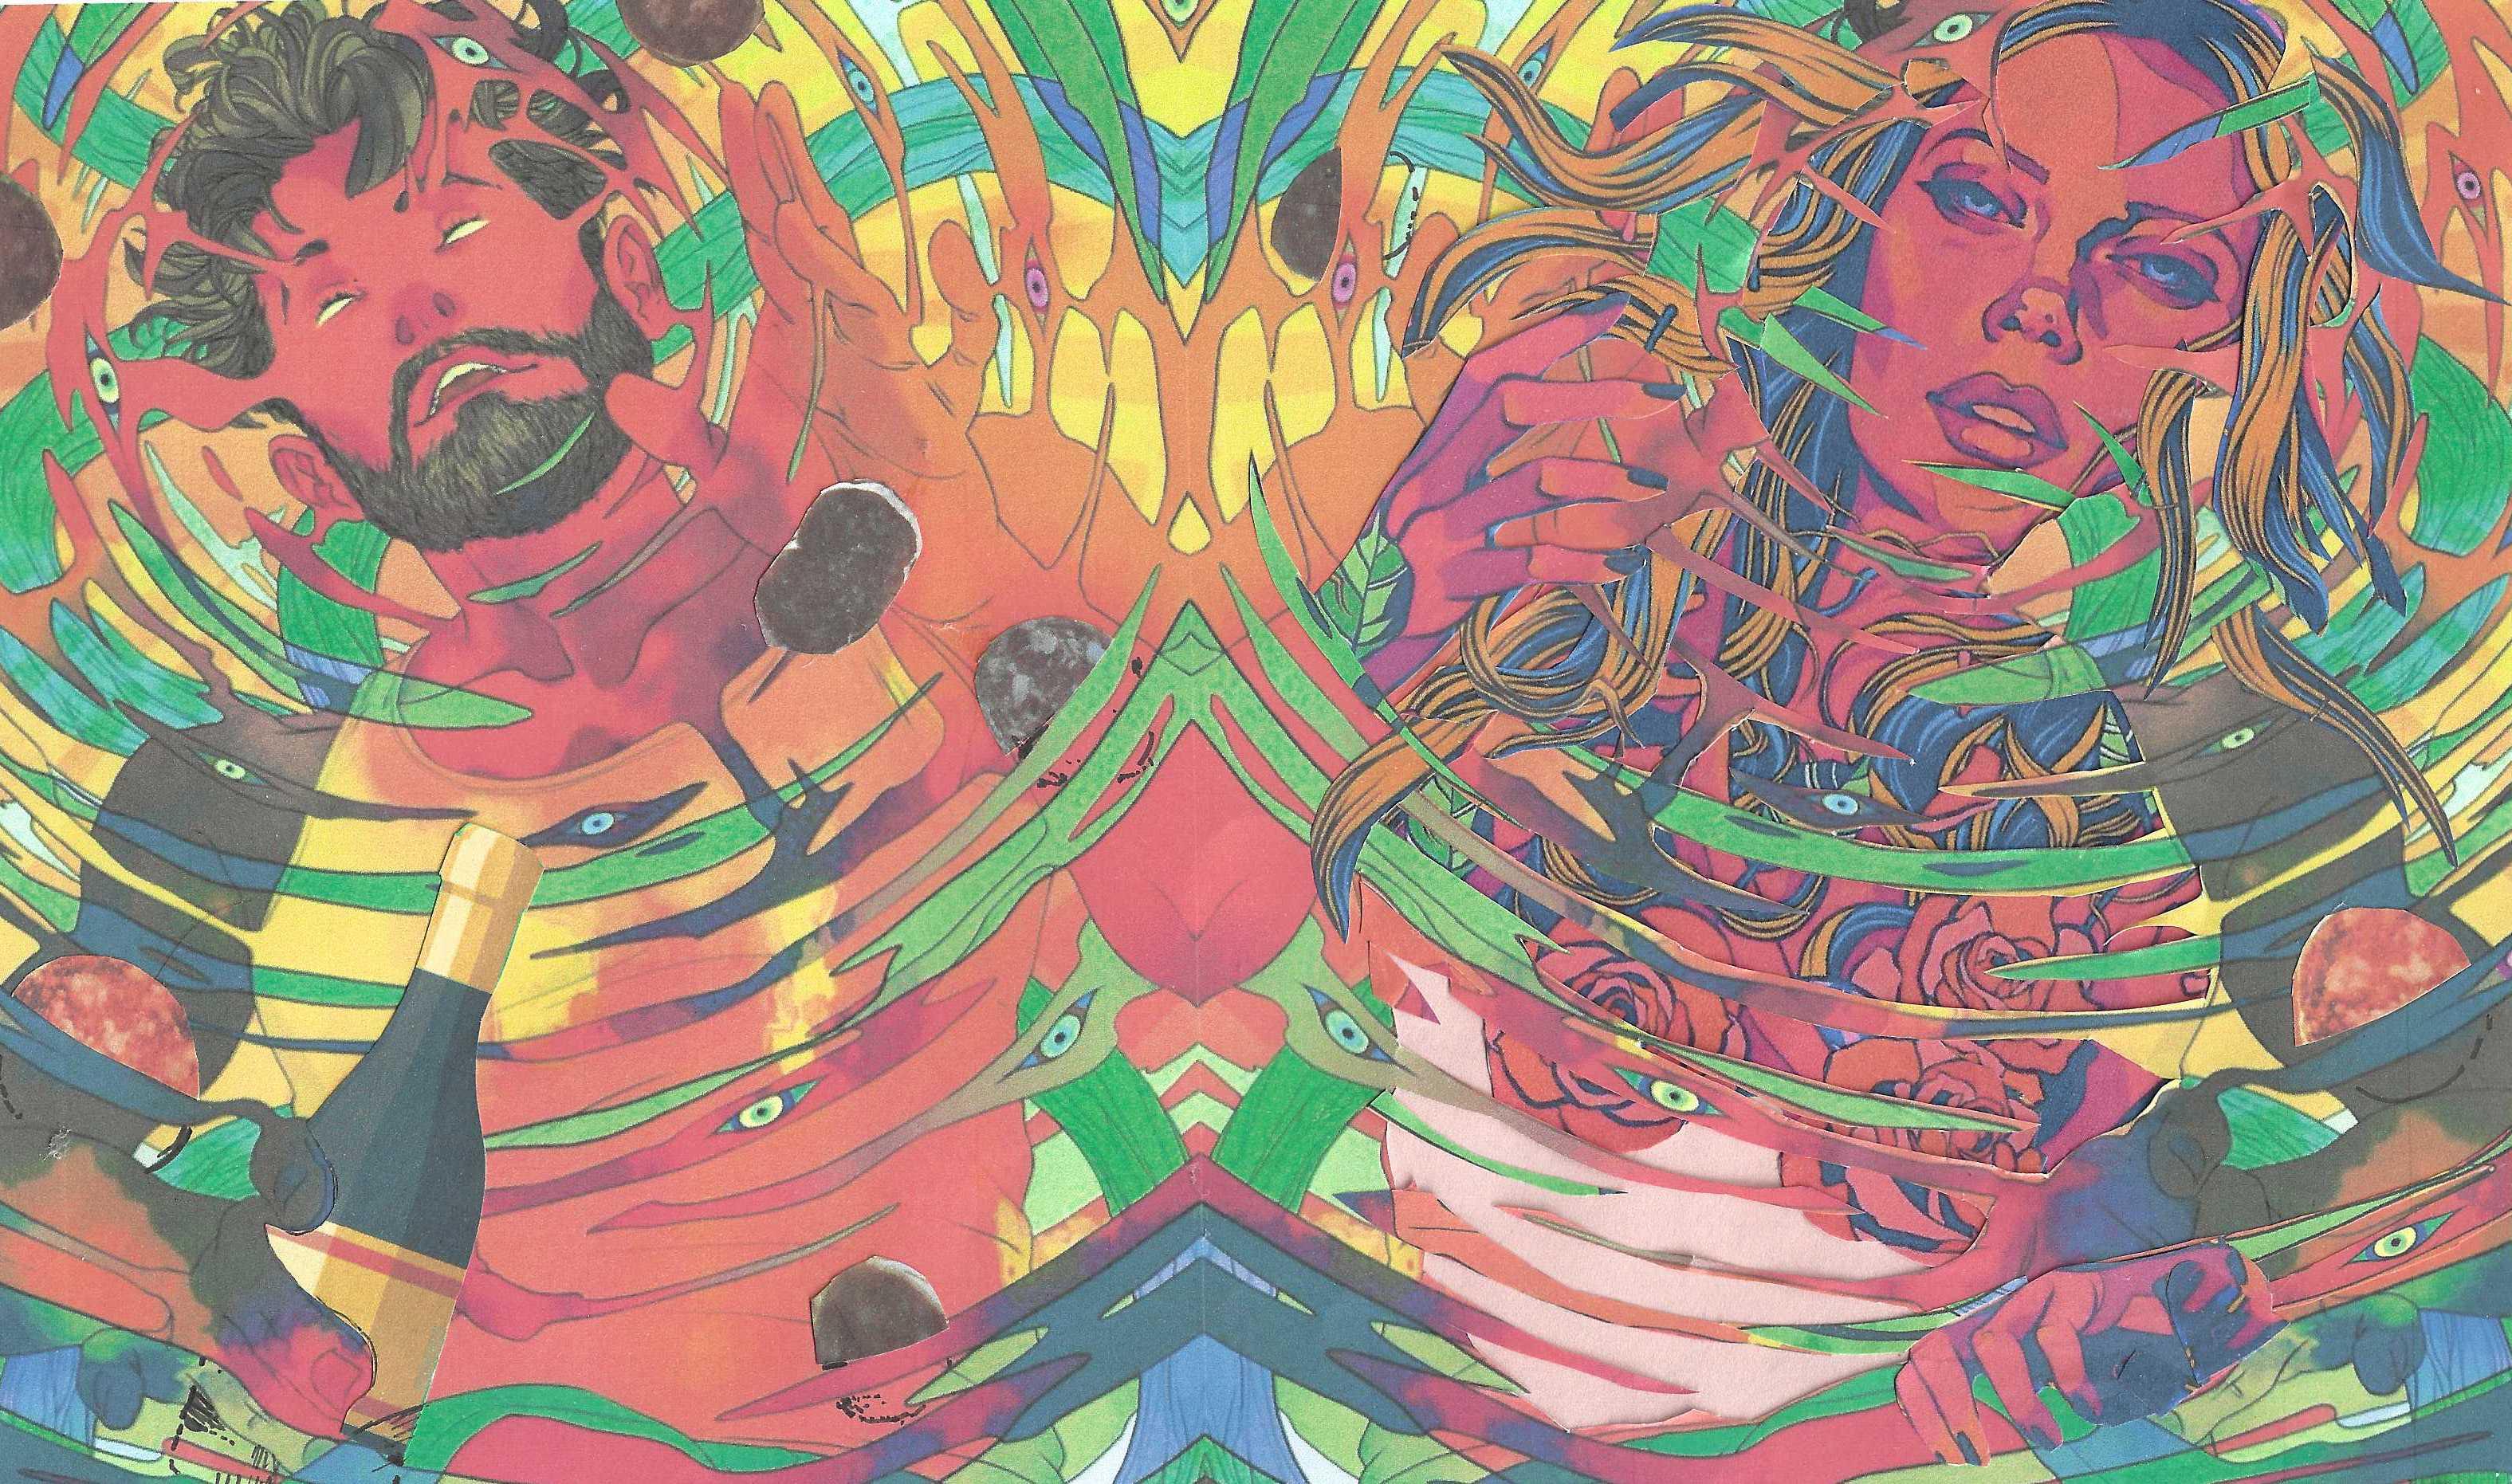 musica e psichedelia